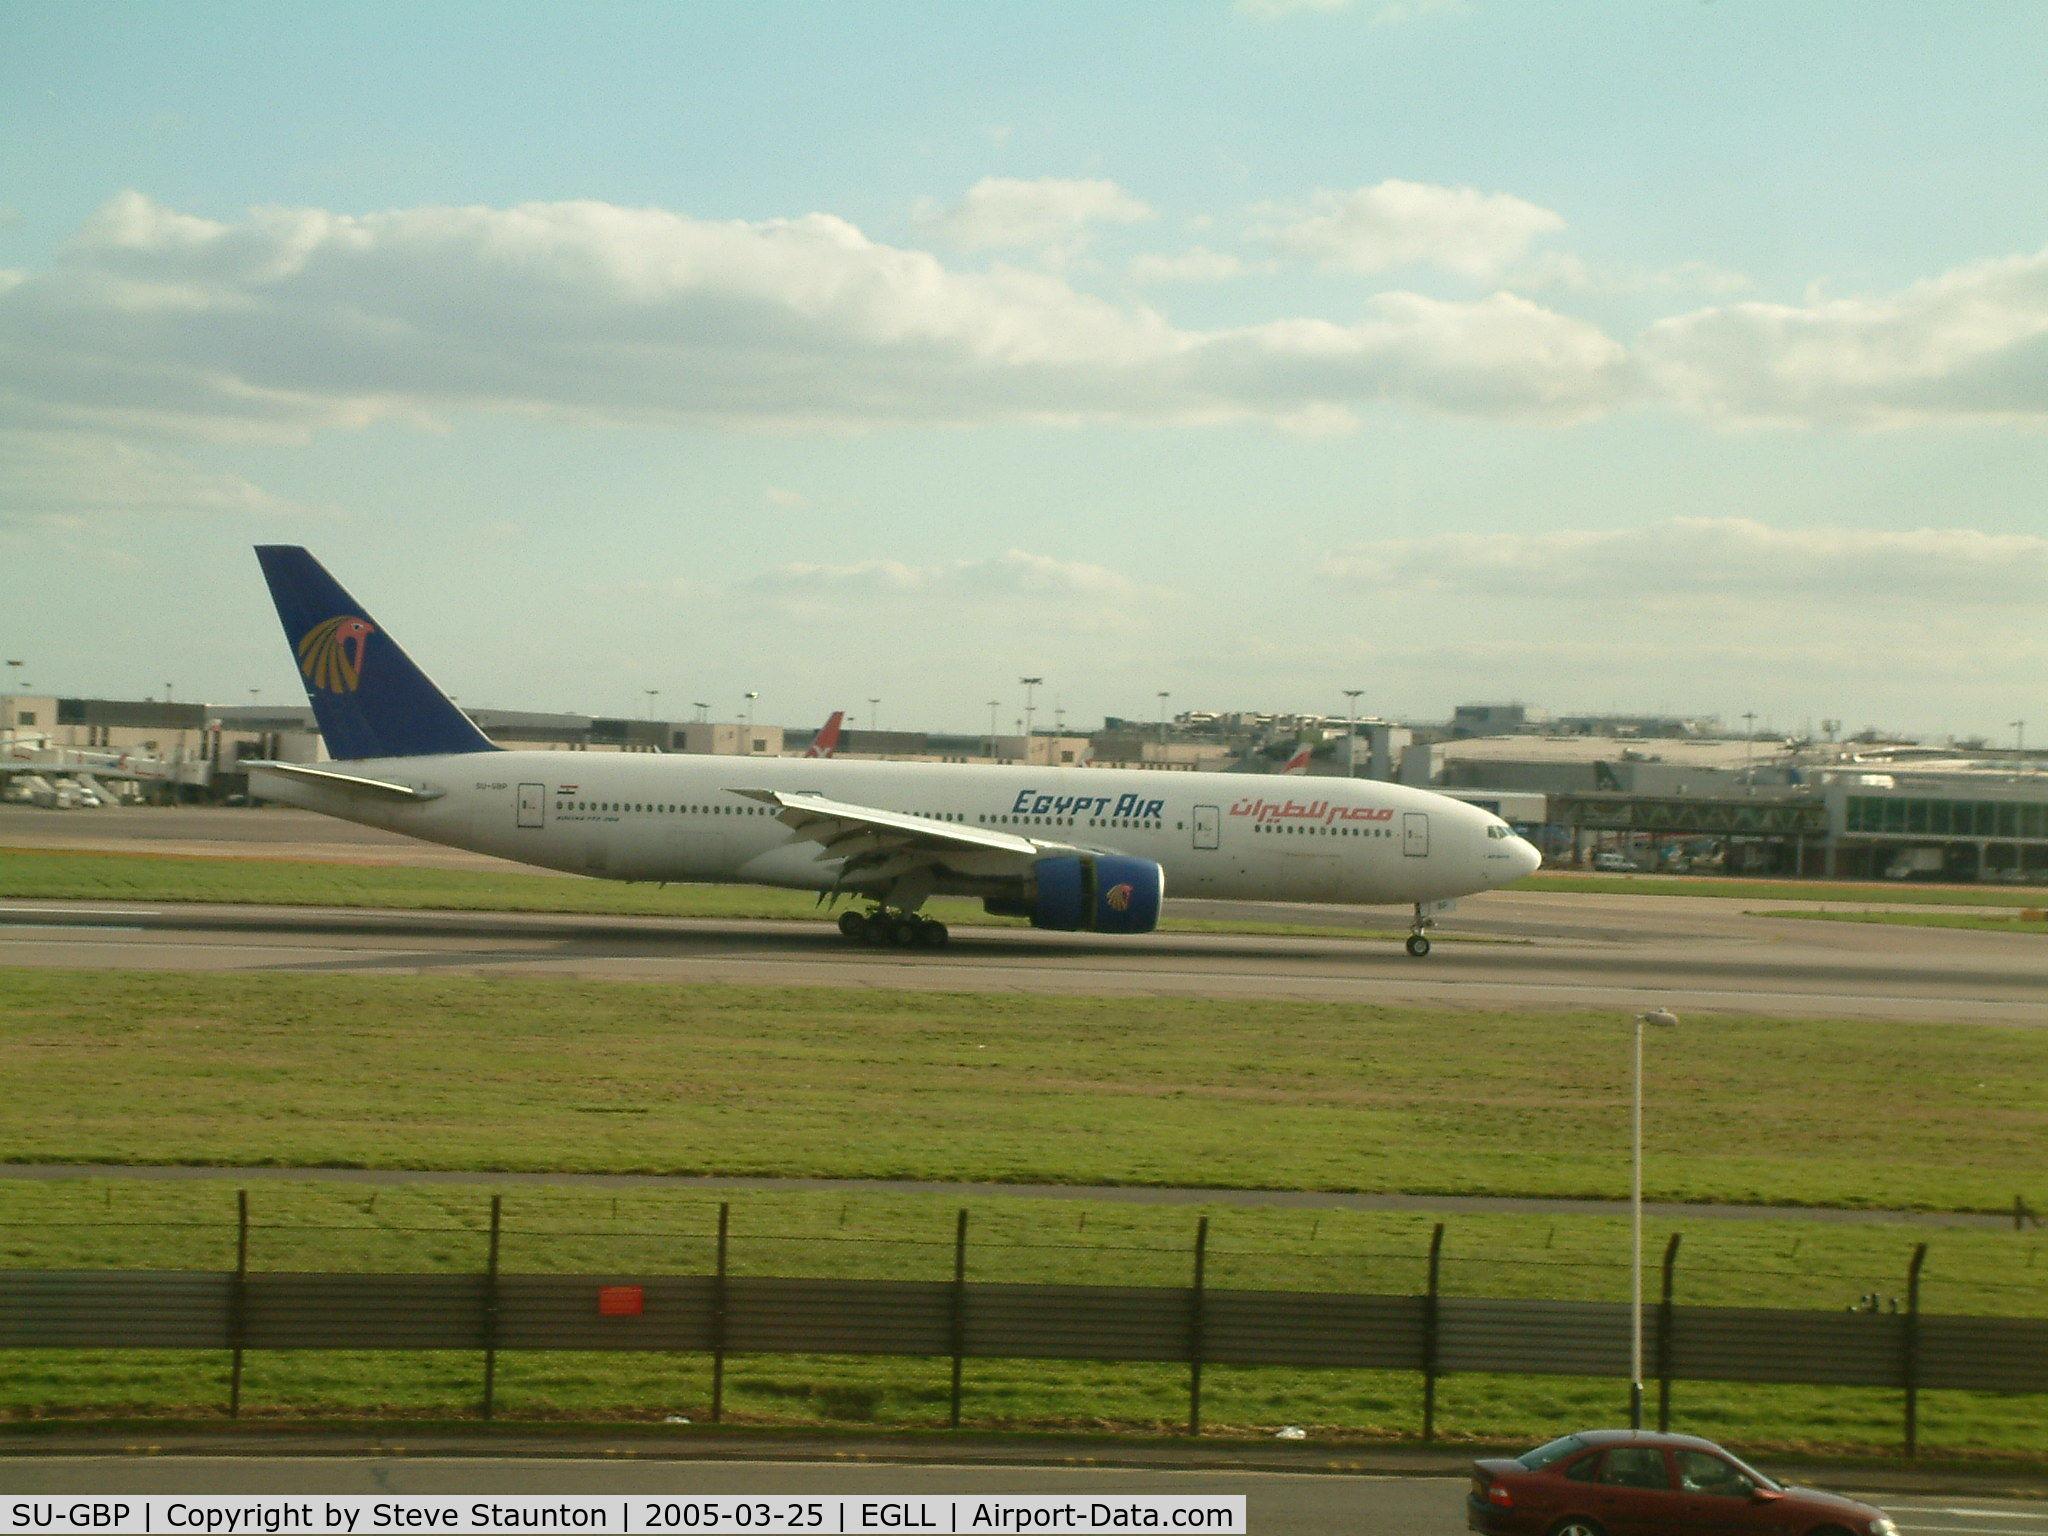 SU-GBP, 1997 Boeing 777-266/ER C/N 28423, Taken at Heathrow Airport March 2005